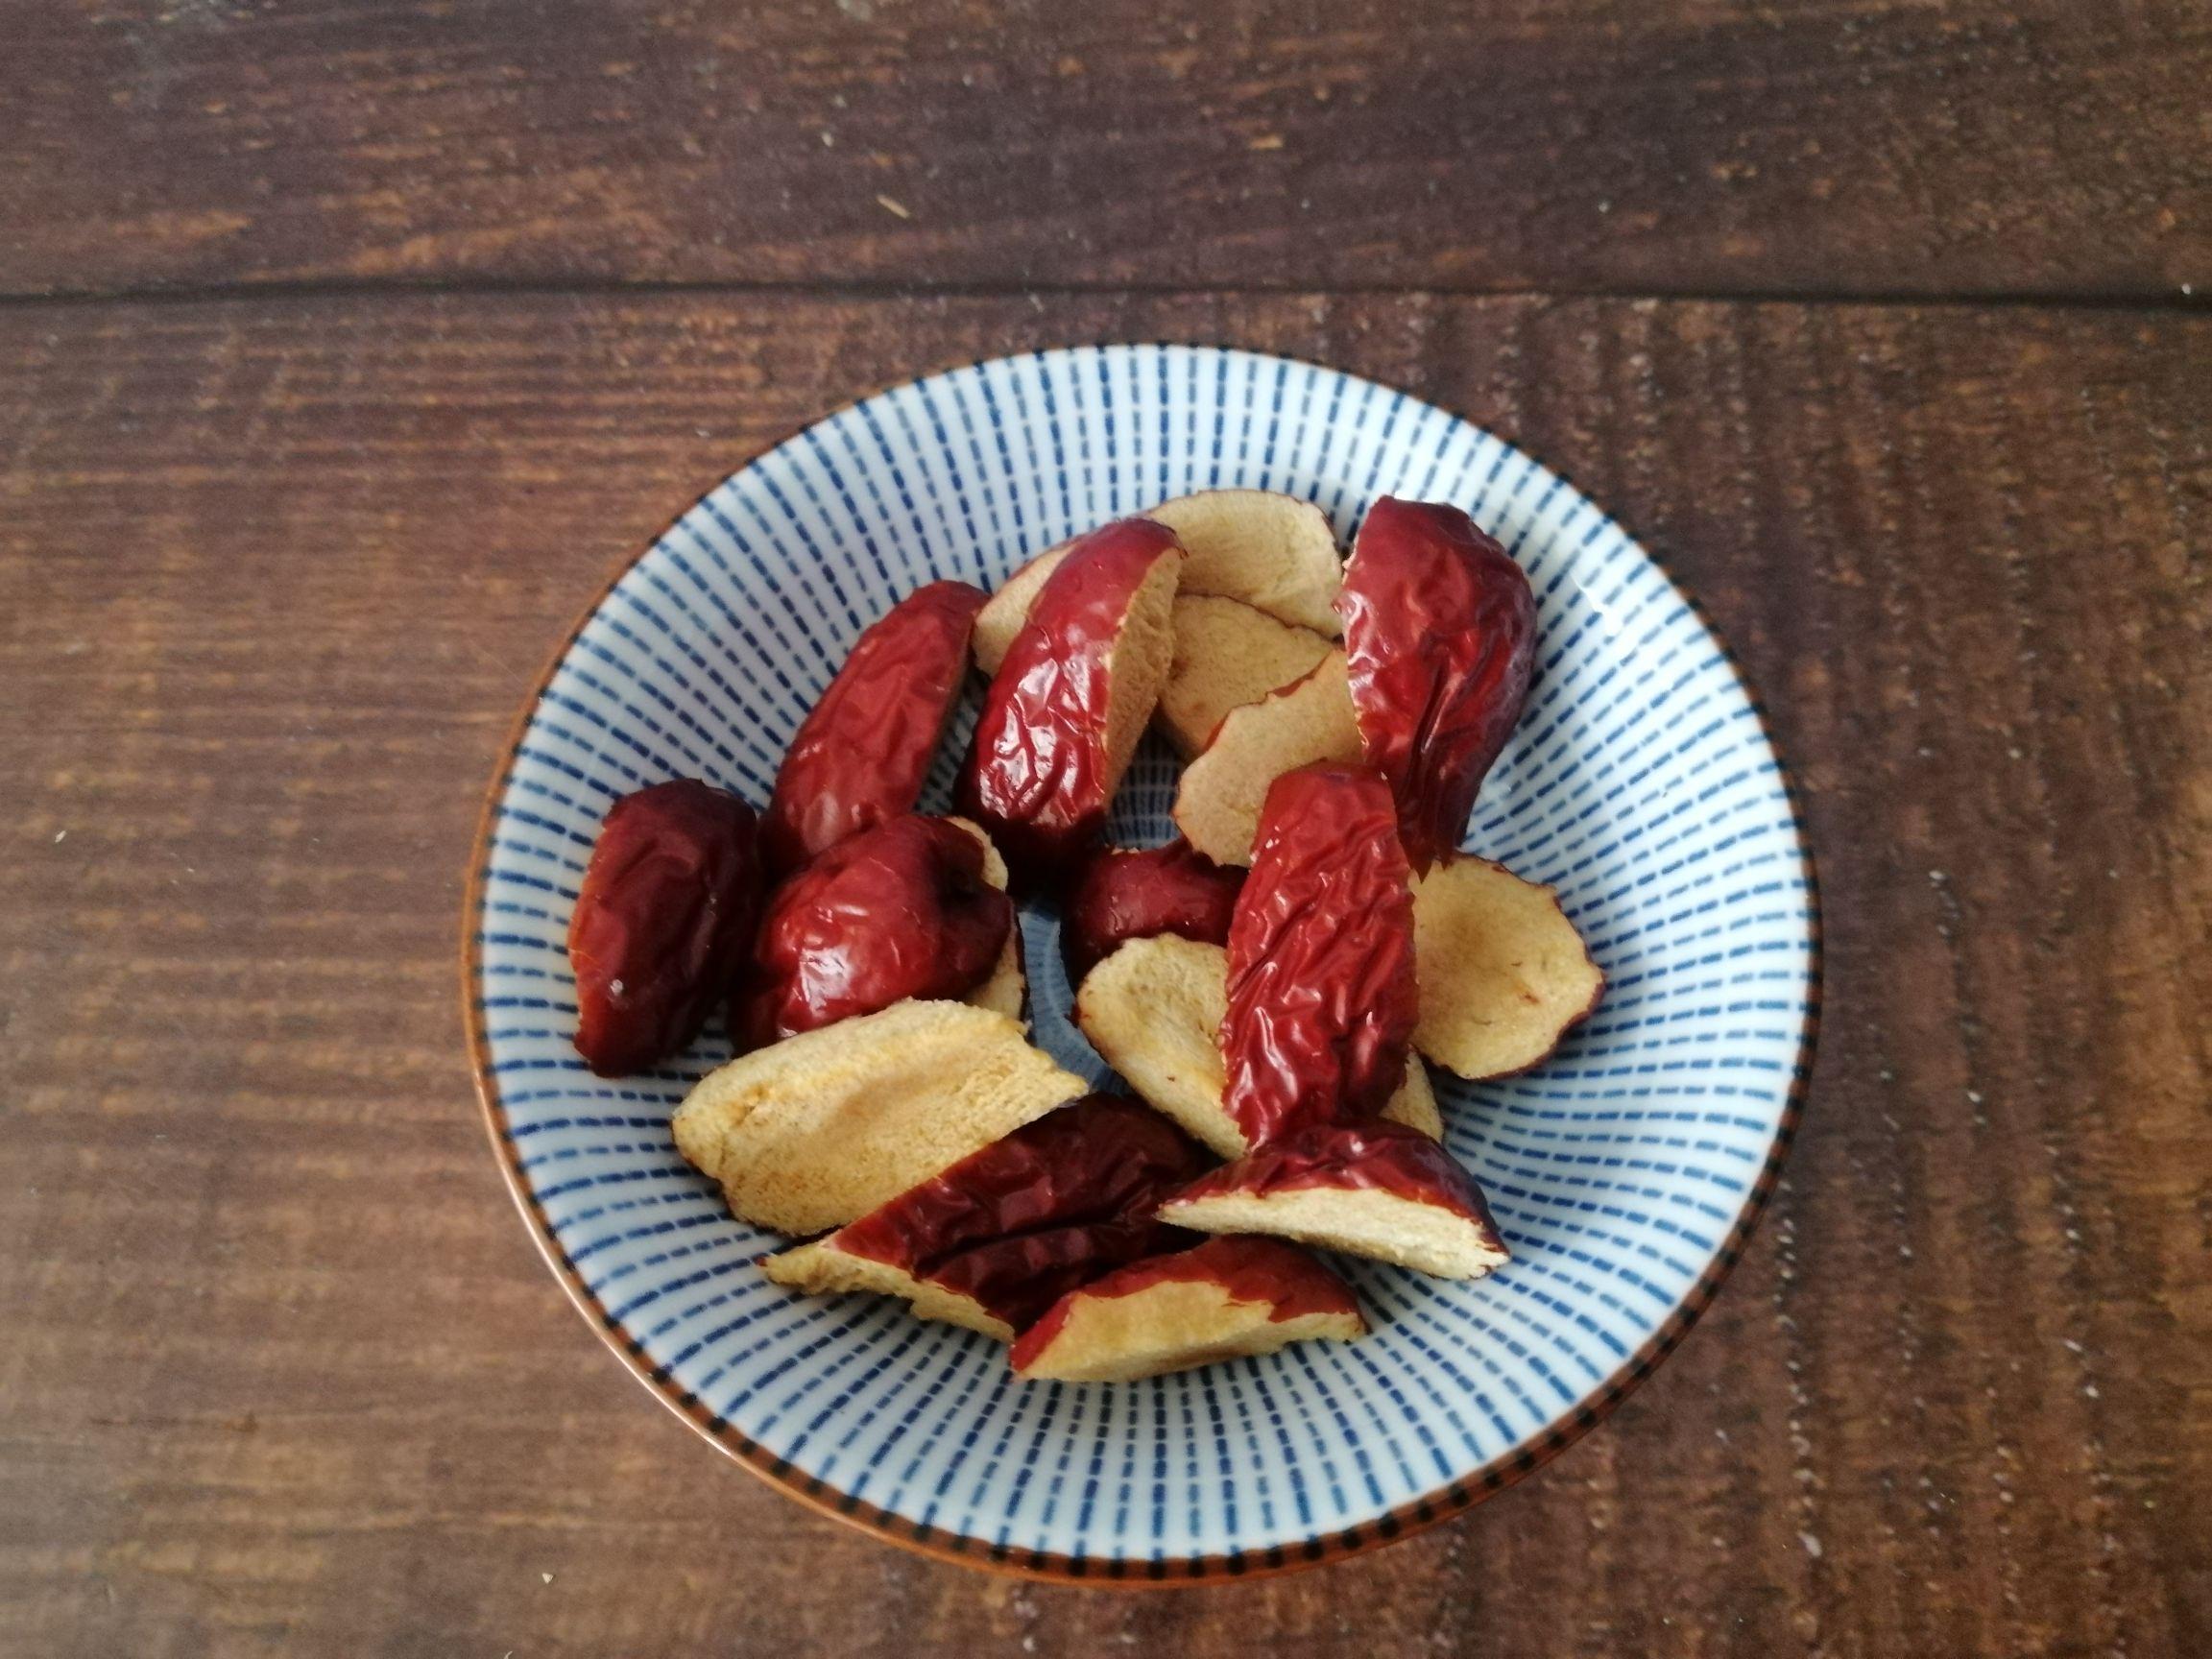 红枣黑米糊的做法图解